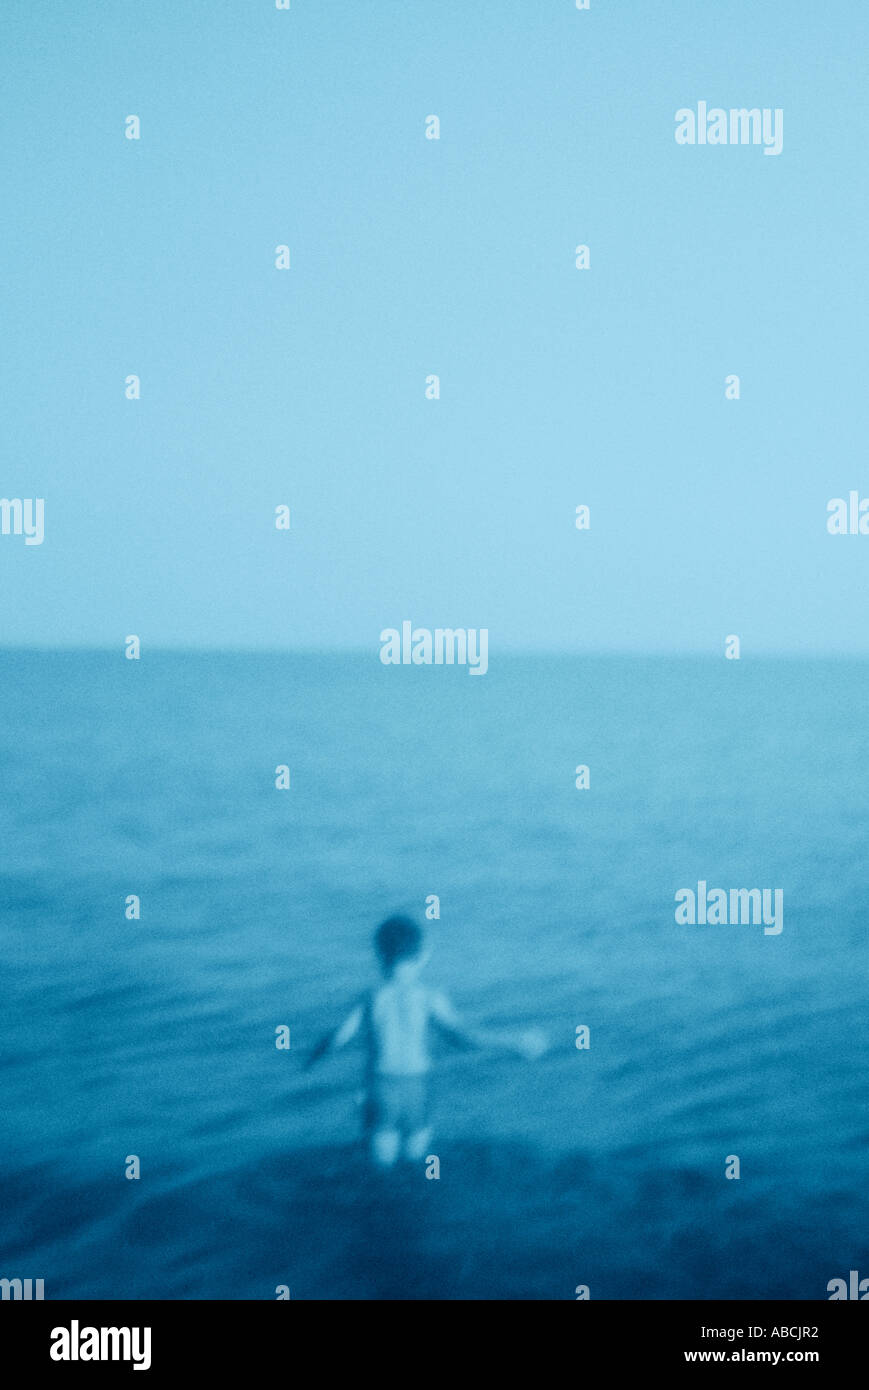 Kleiner Junge waten ins Meer (Cyanotypie) Stockbild